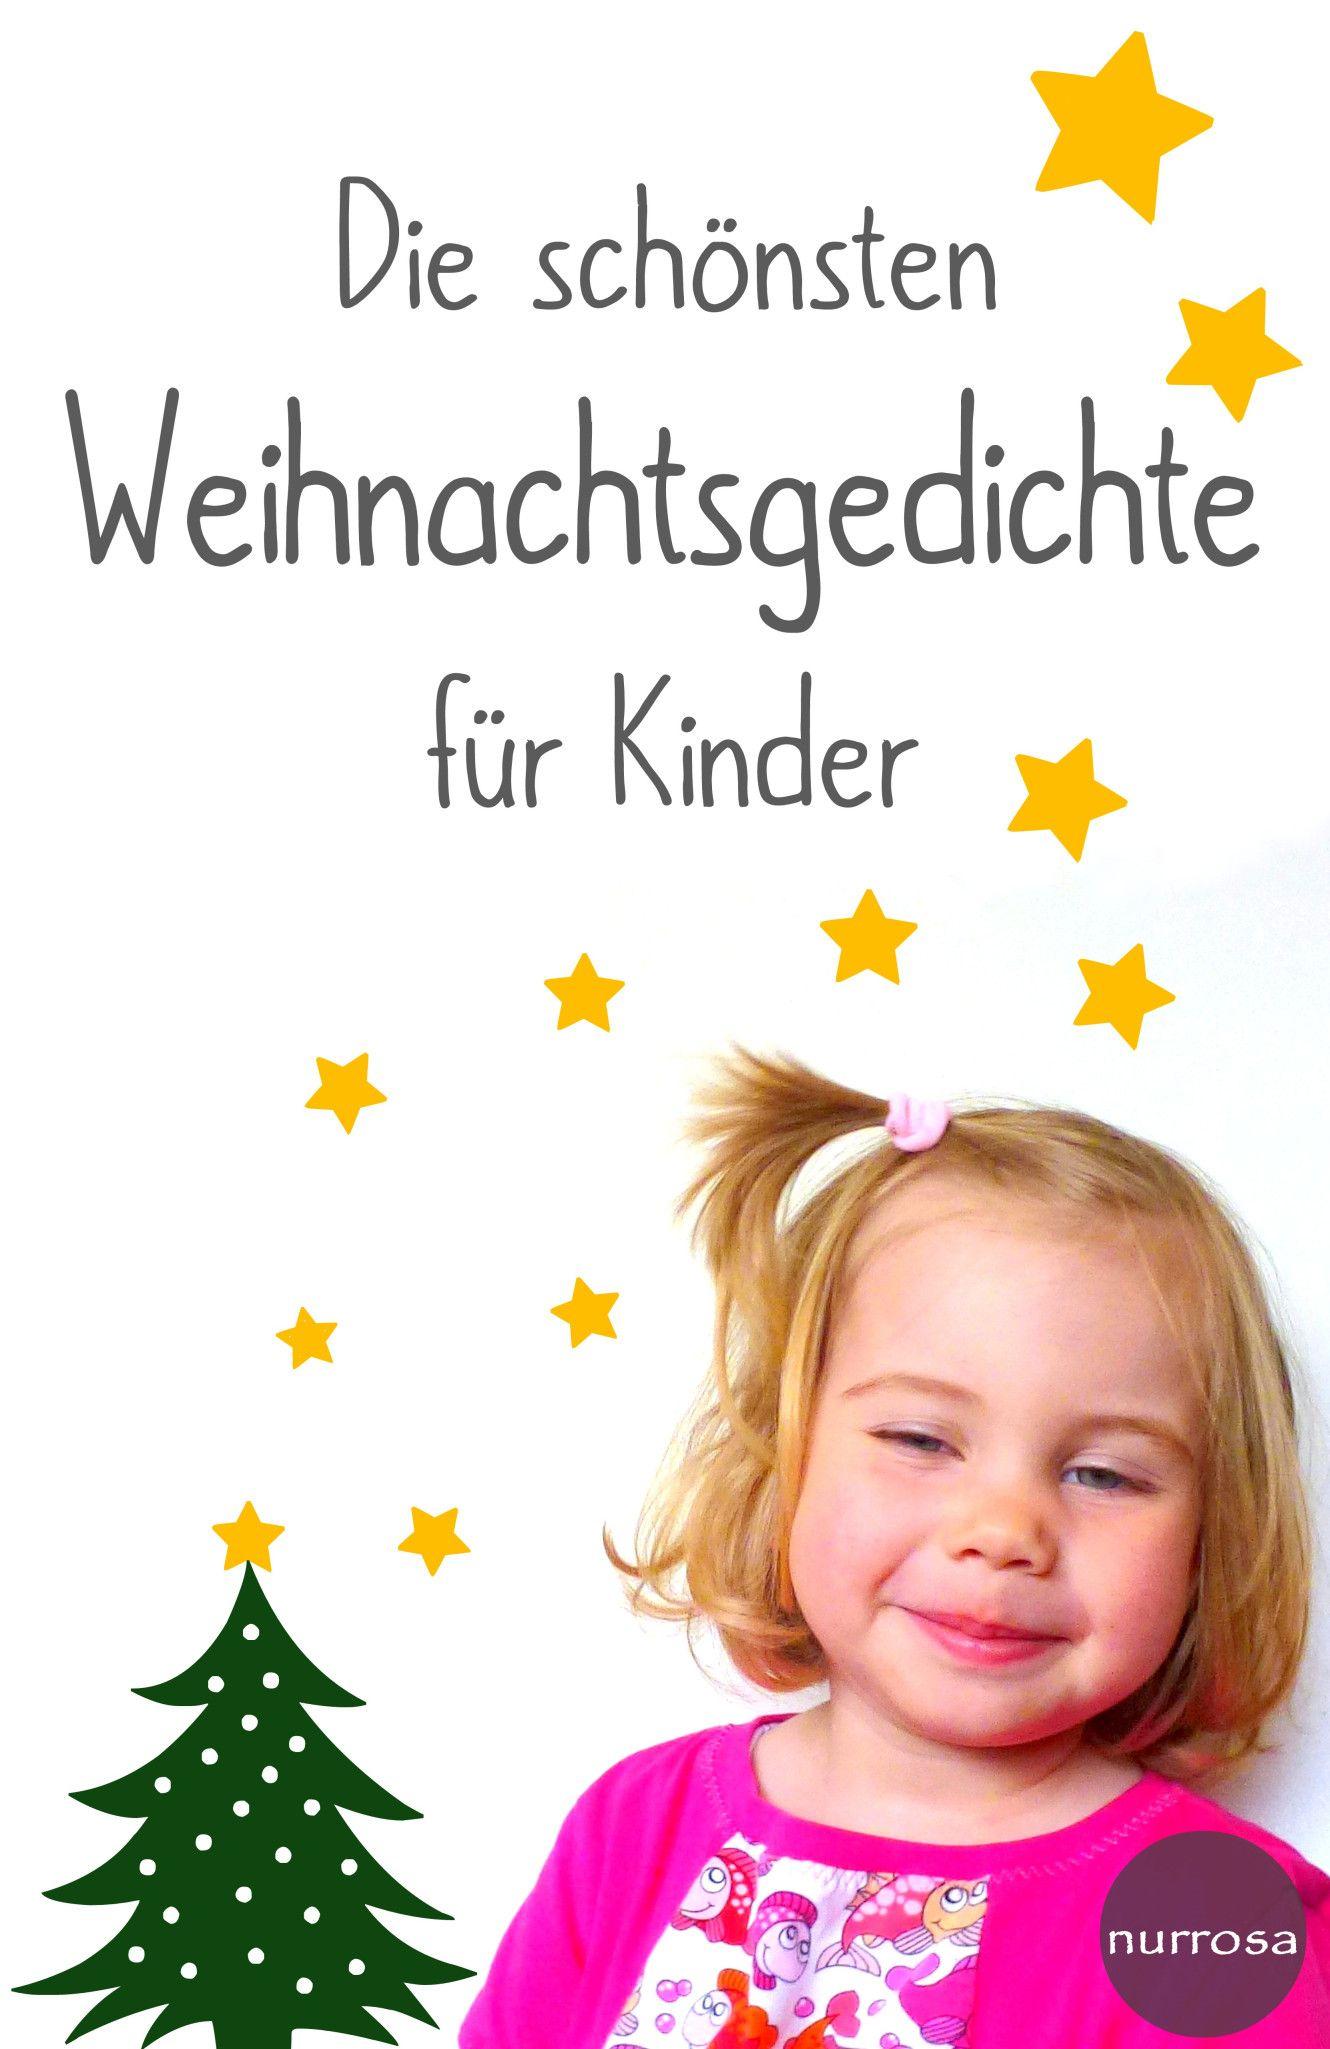 Die Schönsten Weihnachtsgedichte Für Kinder (Mit Bildern über Kleine Weihnachtsgedichte Für Kinder